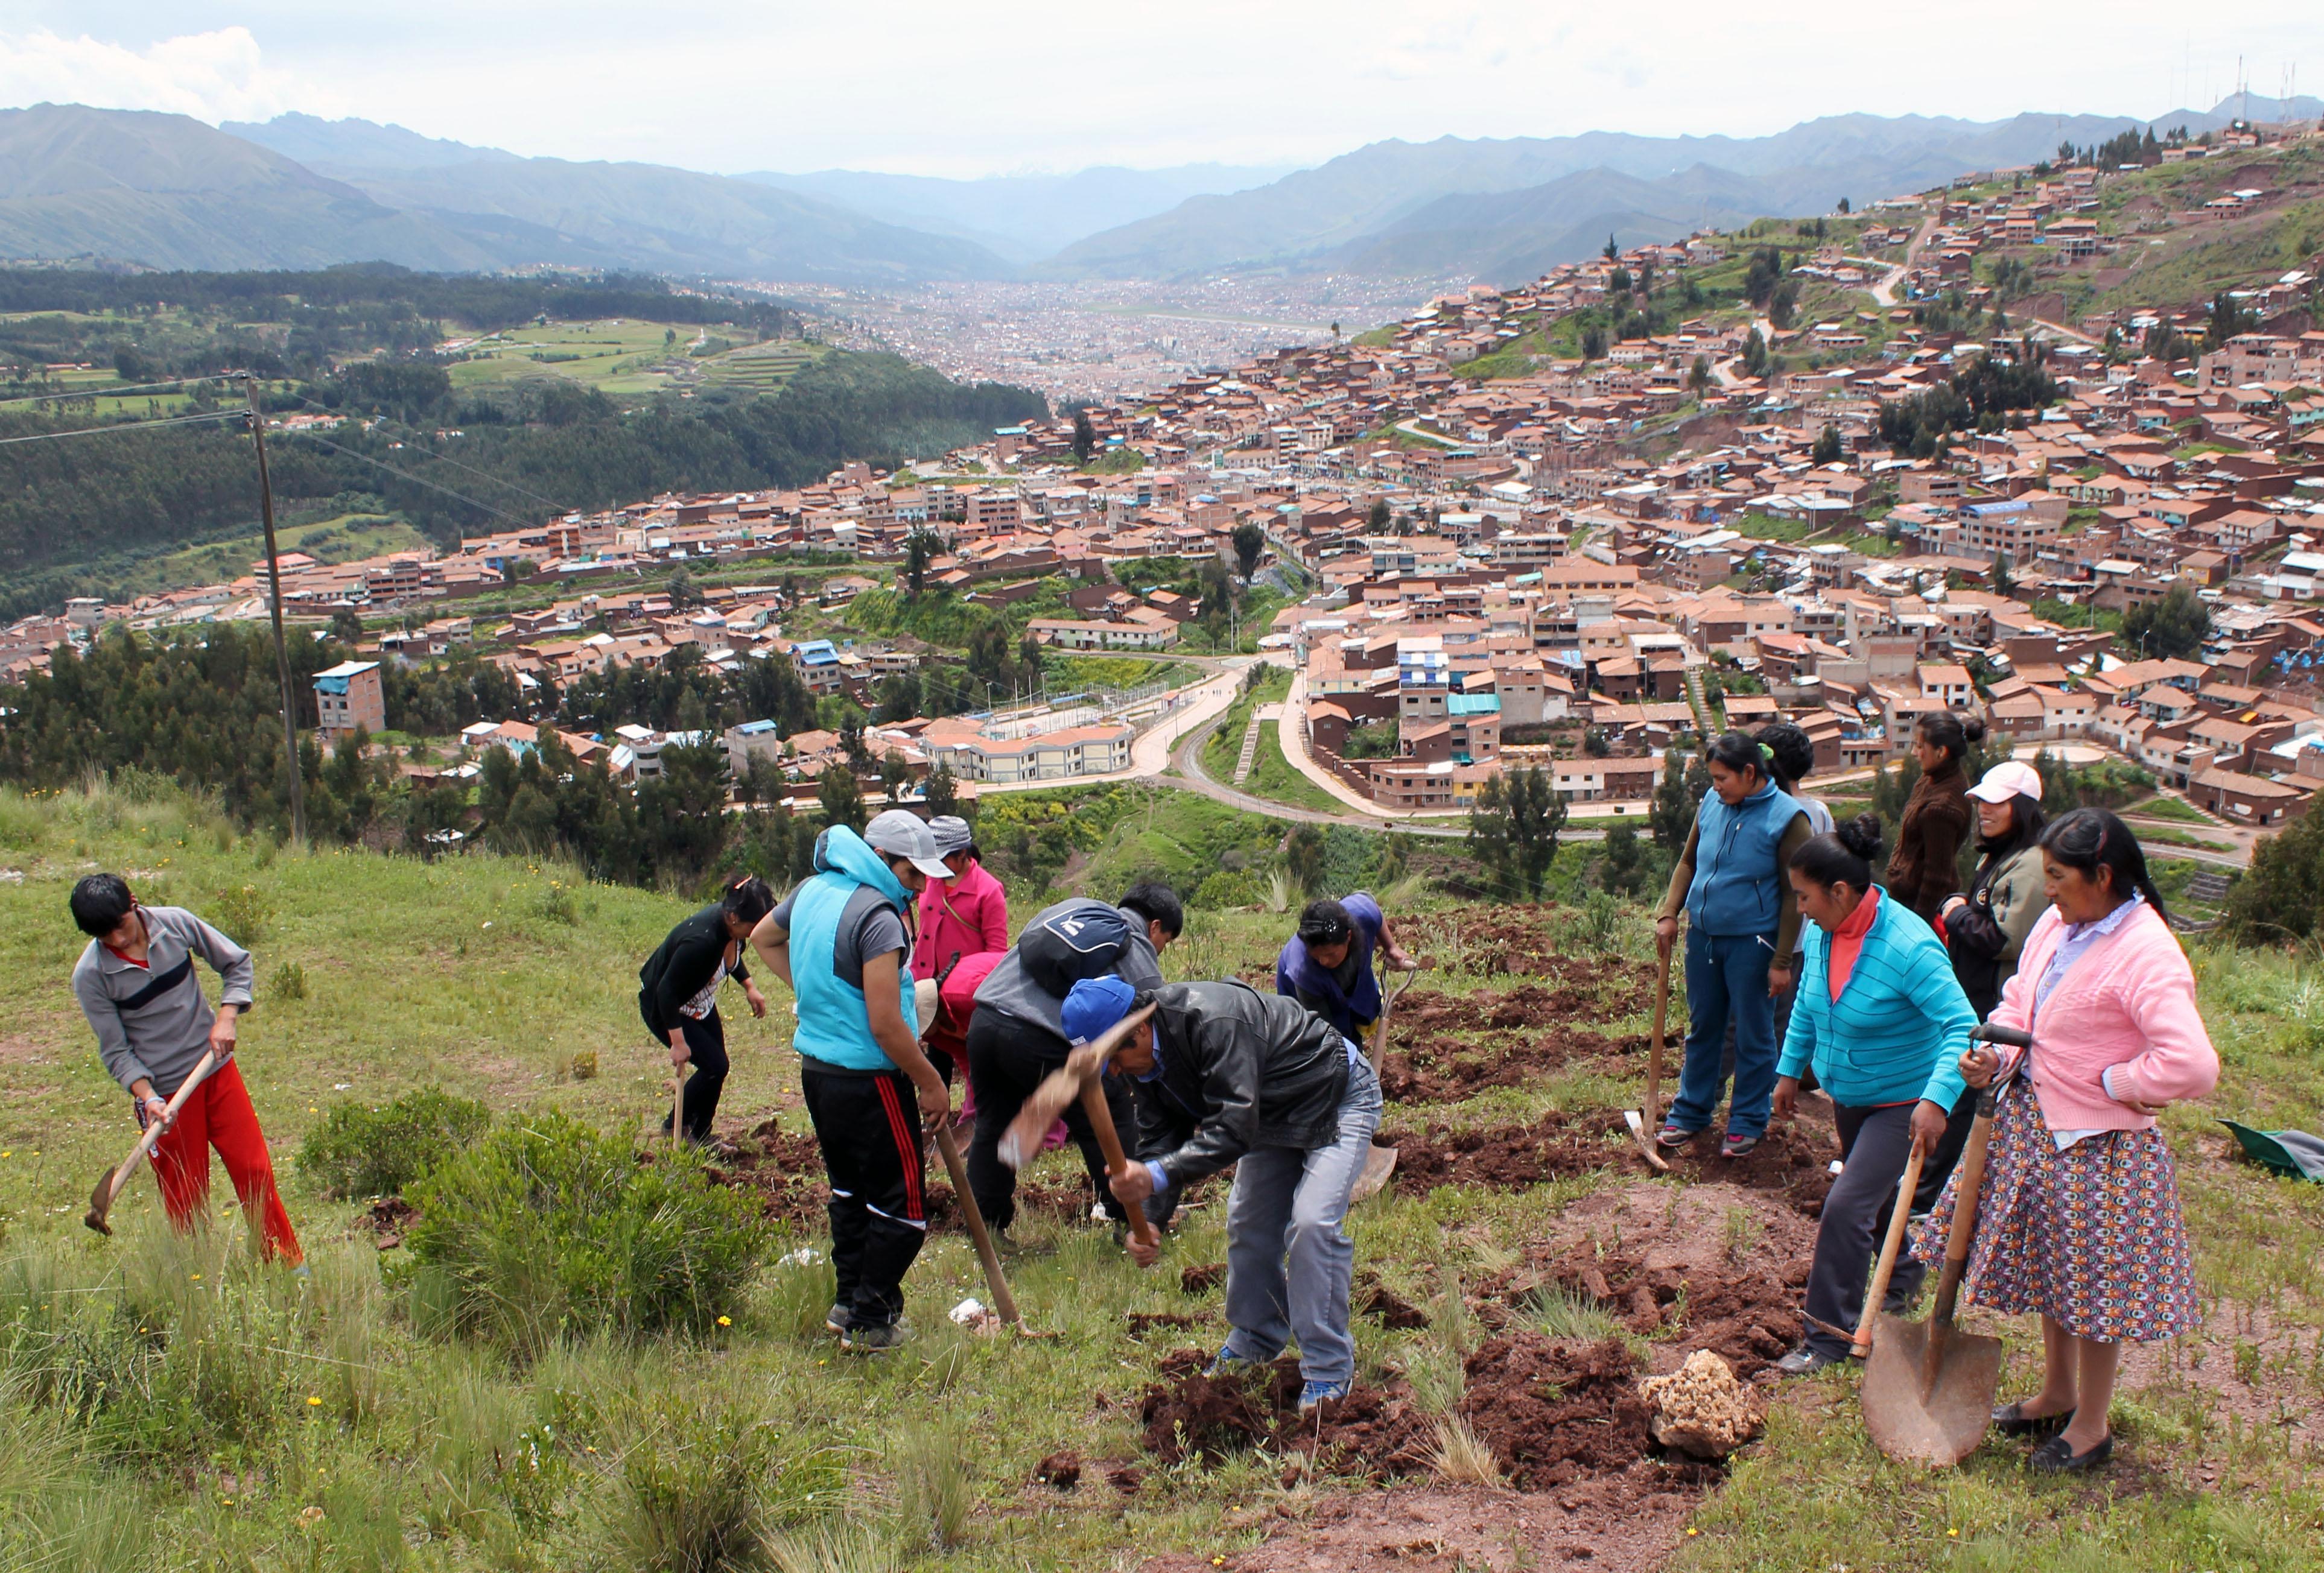 Desarrollo de Políticas y Estrategias de Reducción de la Vulnerabilidad De La Población al Riesgo de Desastres, con la Participación de Instituciones Públicas y Ciudadanía en el Valle del Cusco (Perú)